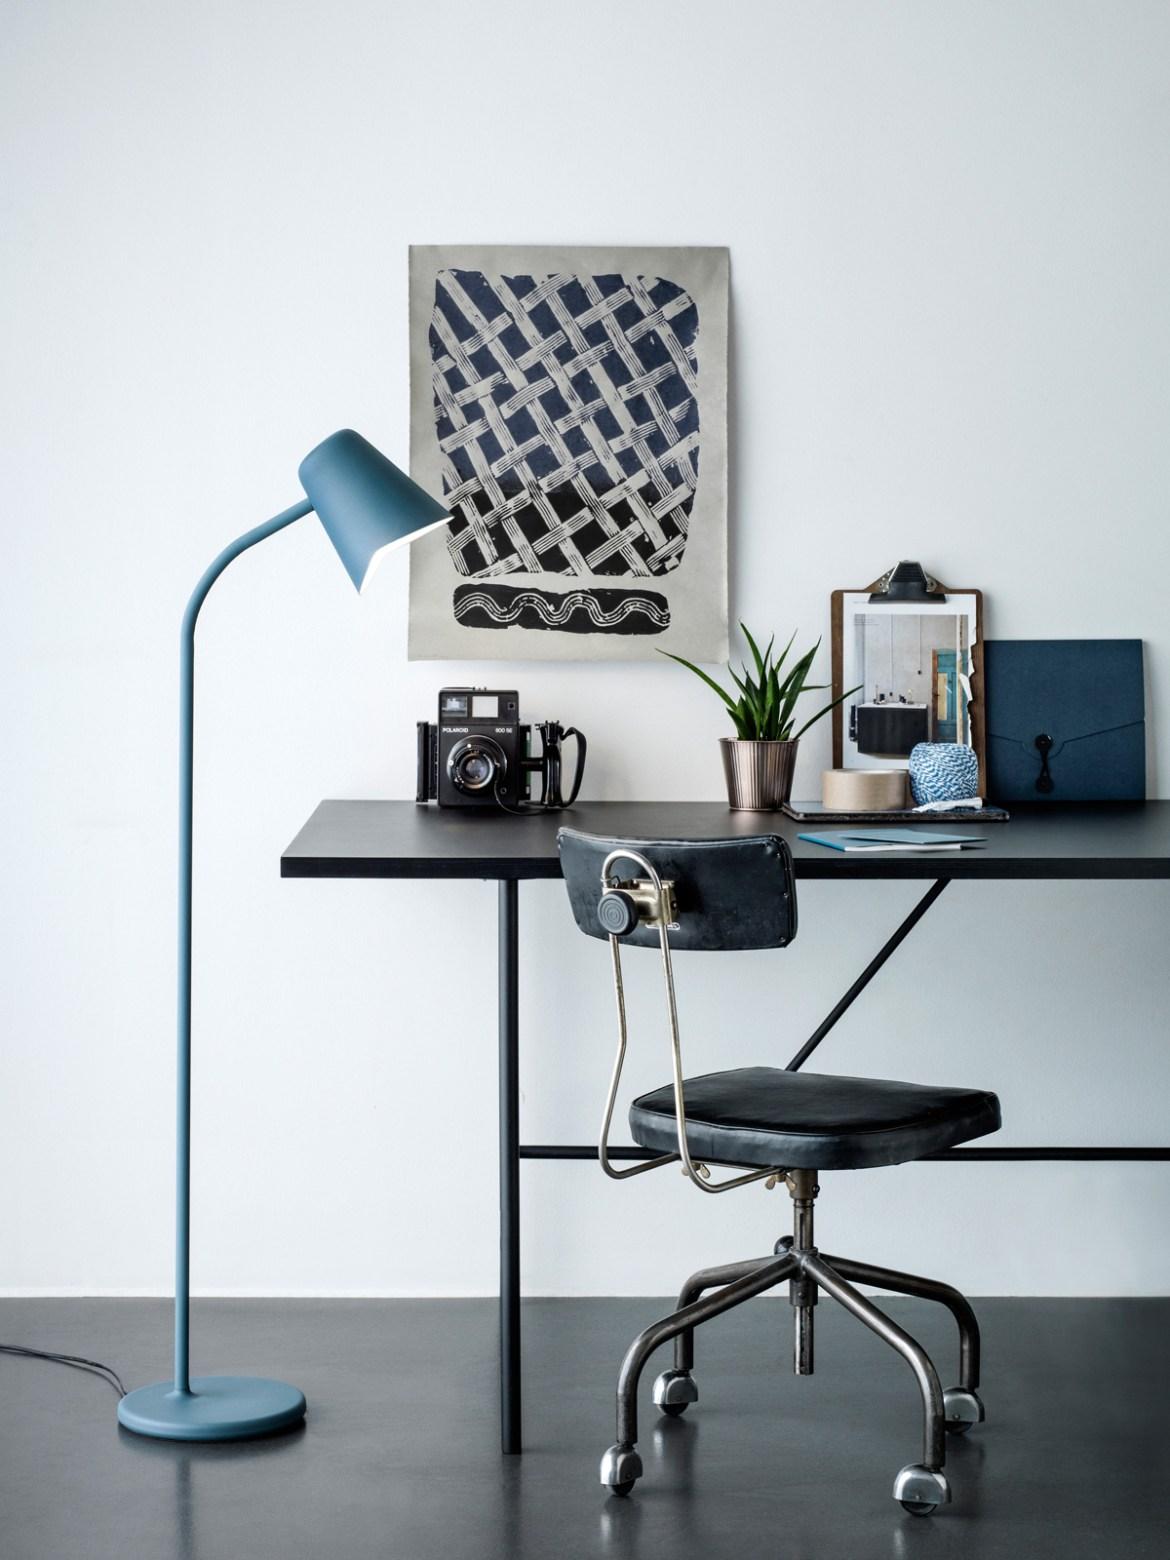 DesignOrt Blog: Blaue Stehlampe Me von Northern Lighting